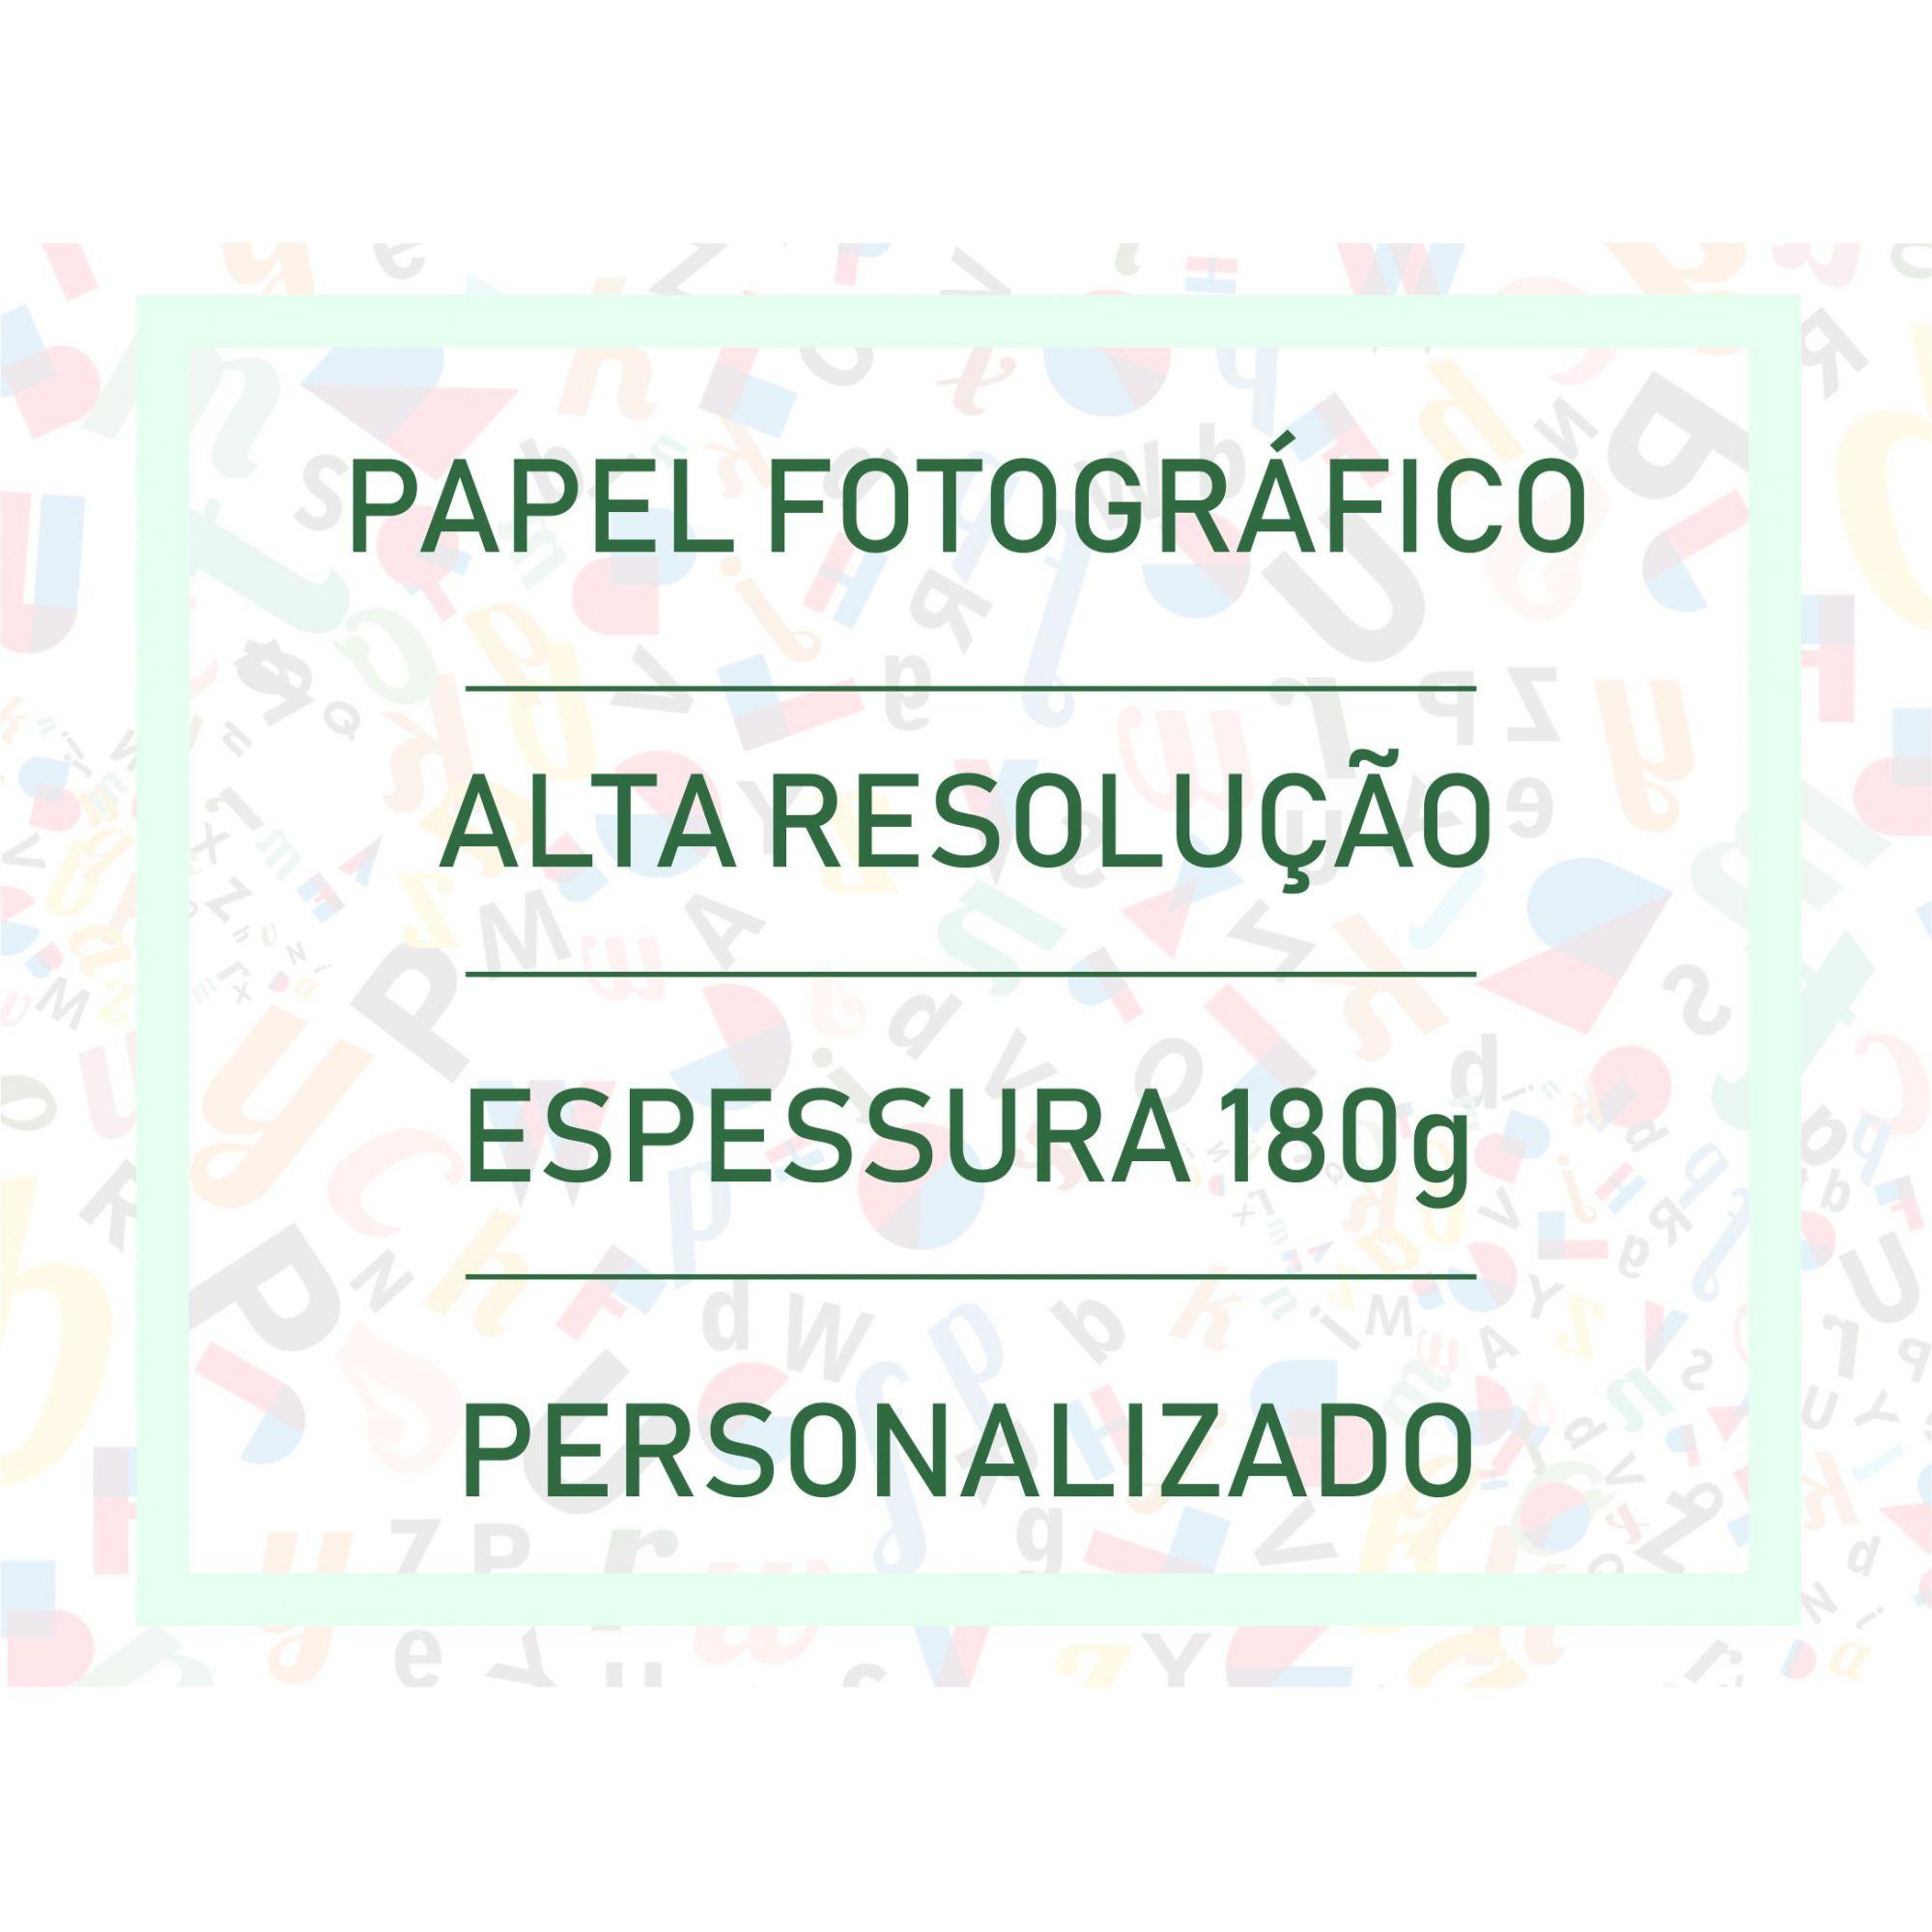 KIT 13 - 05 PRANCHAS NOMEAÇÃO RÁPIDA GRUPOS COM L - cc(l)v